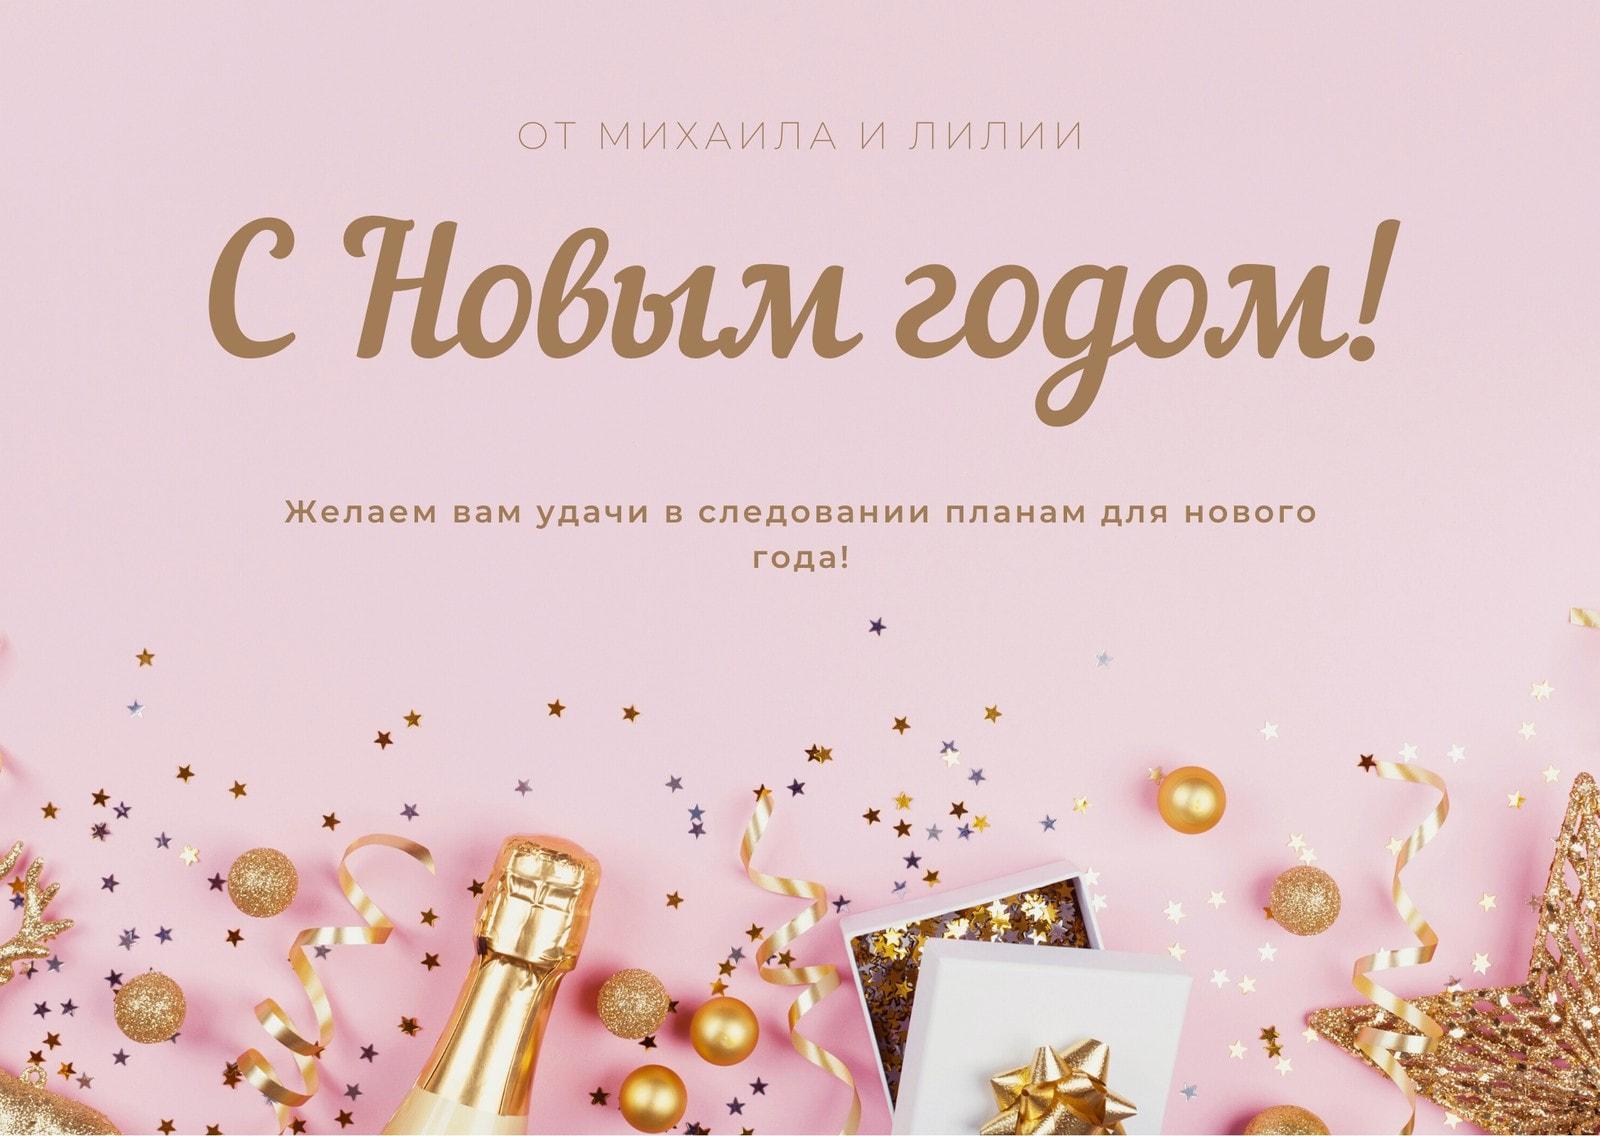 Розовый Конфетти Фото Новый Год Открытка